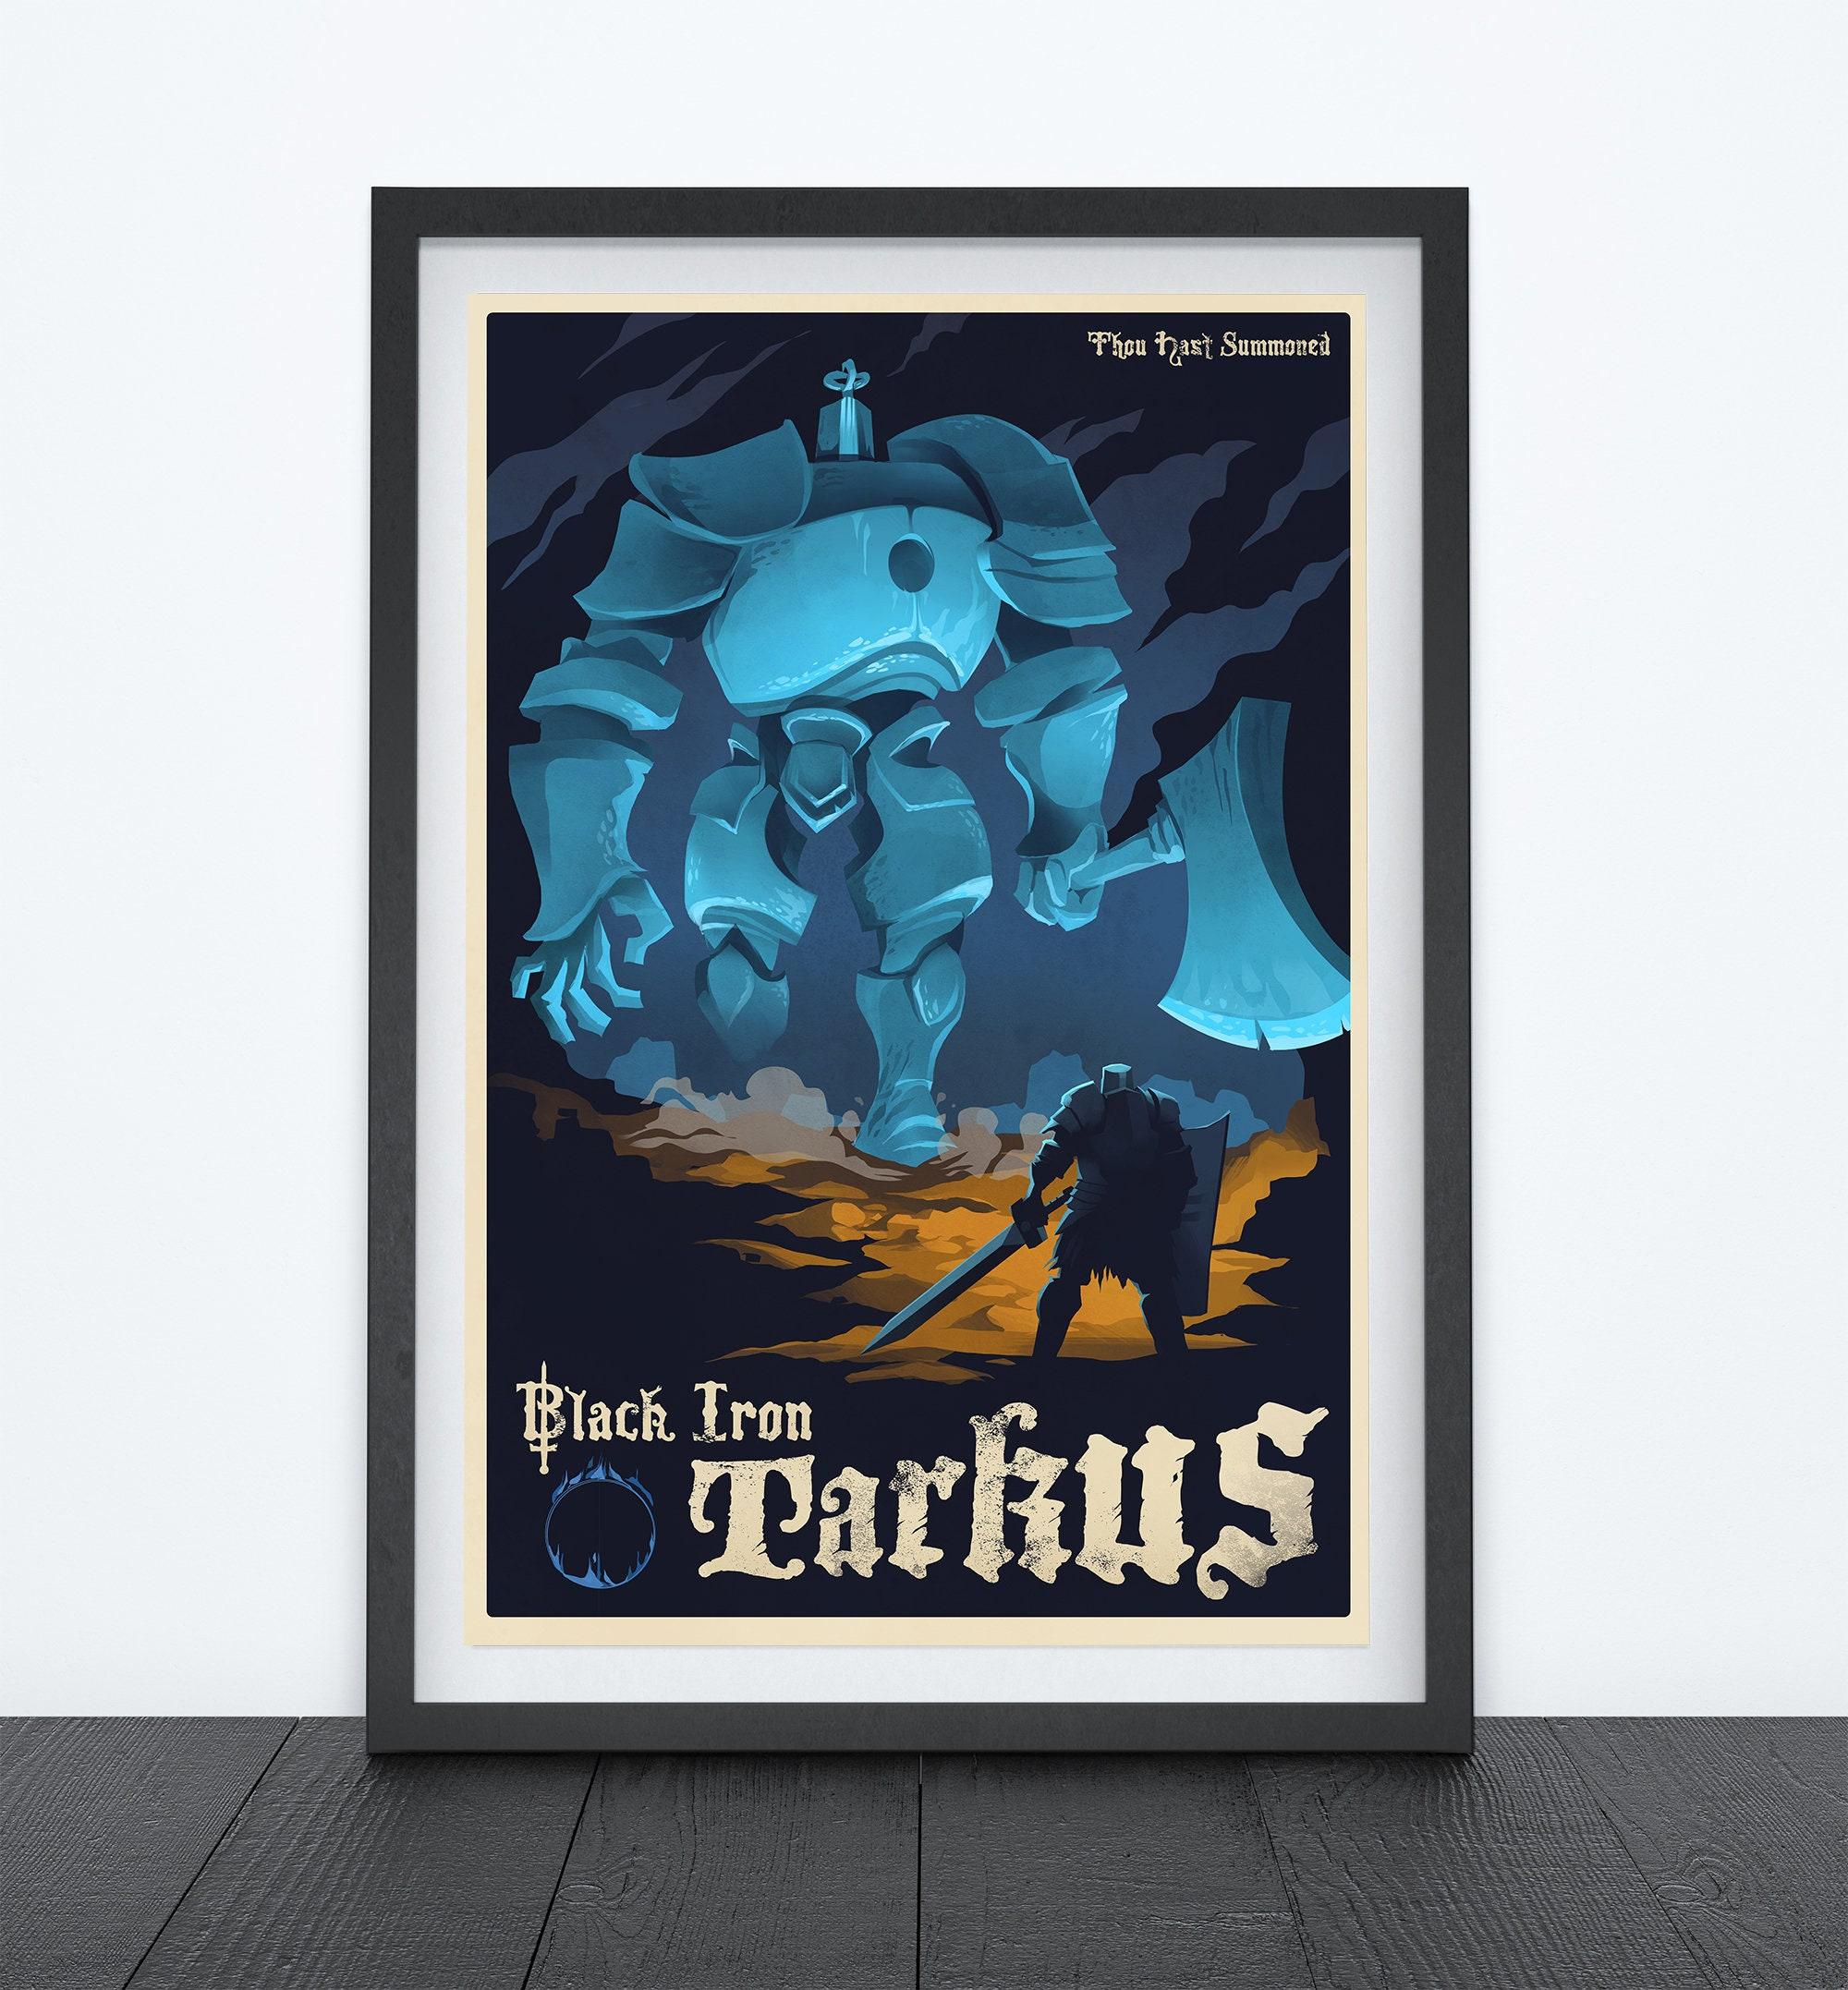 Black Iron Tarkus Video Game Art Poster Gaming Poster